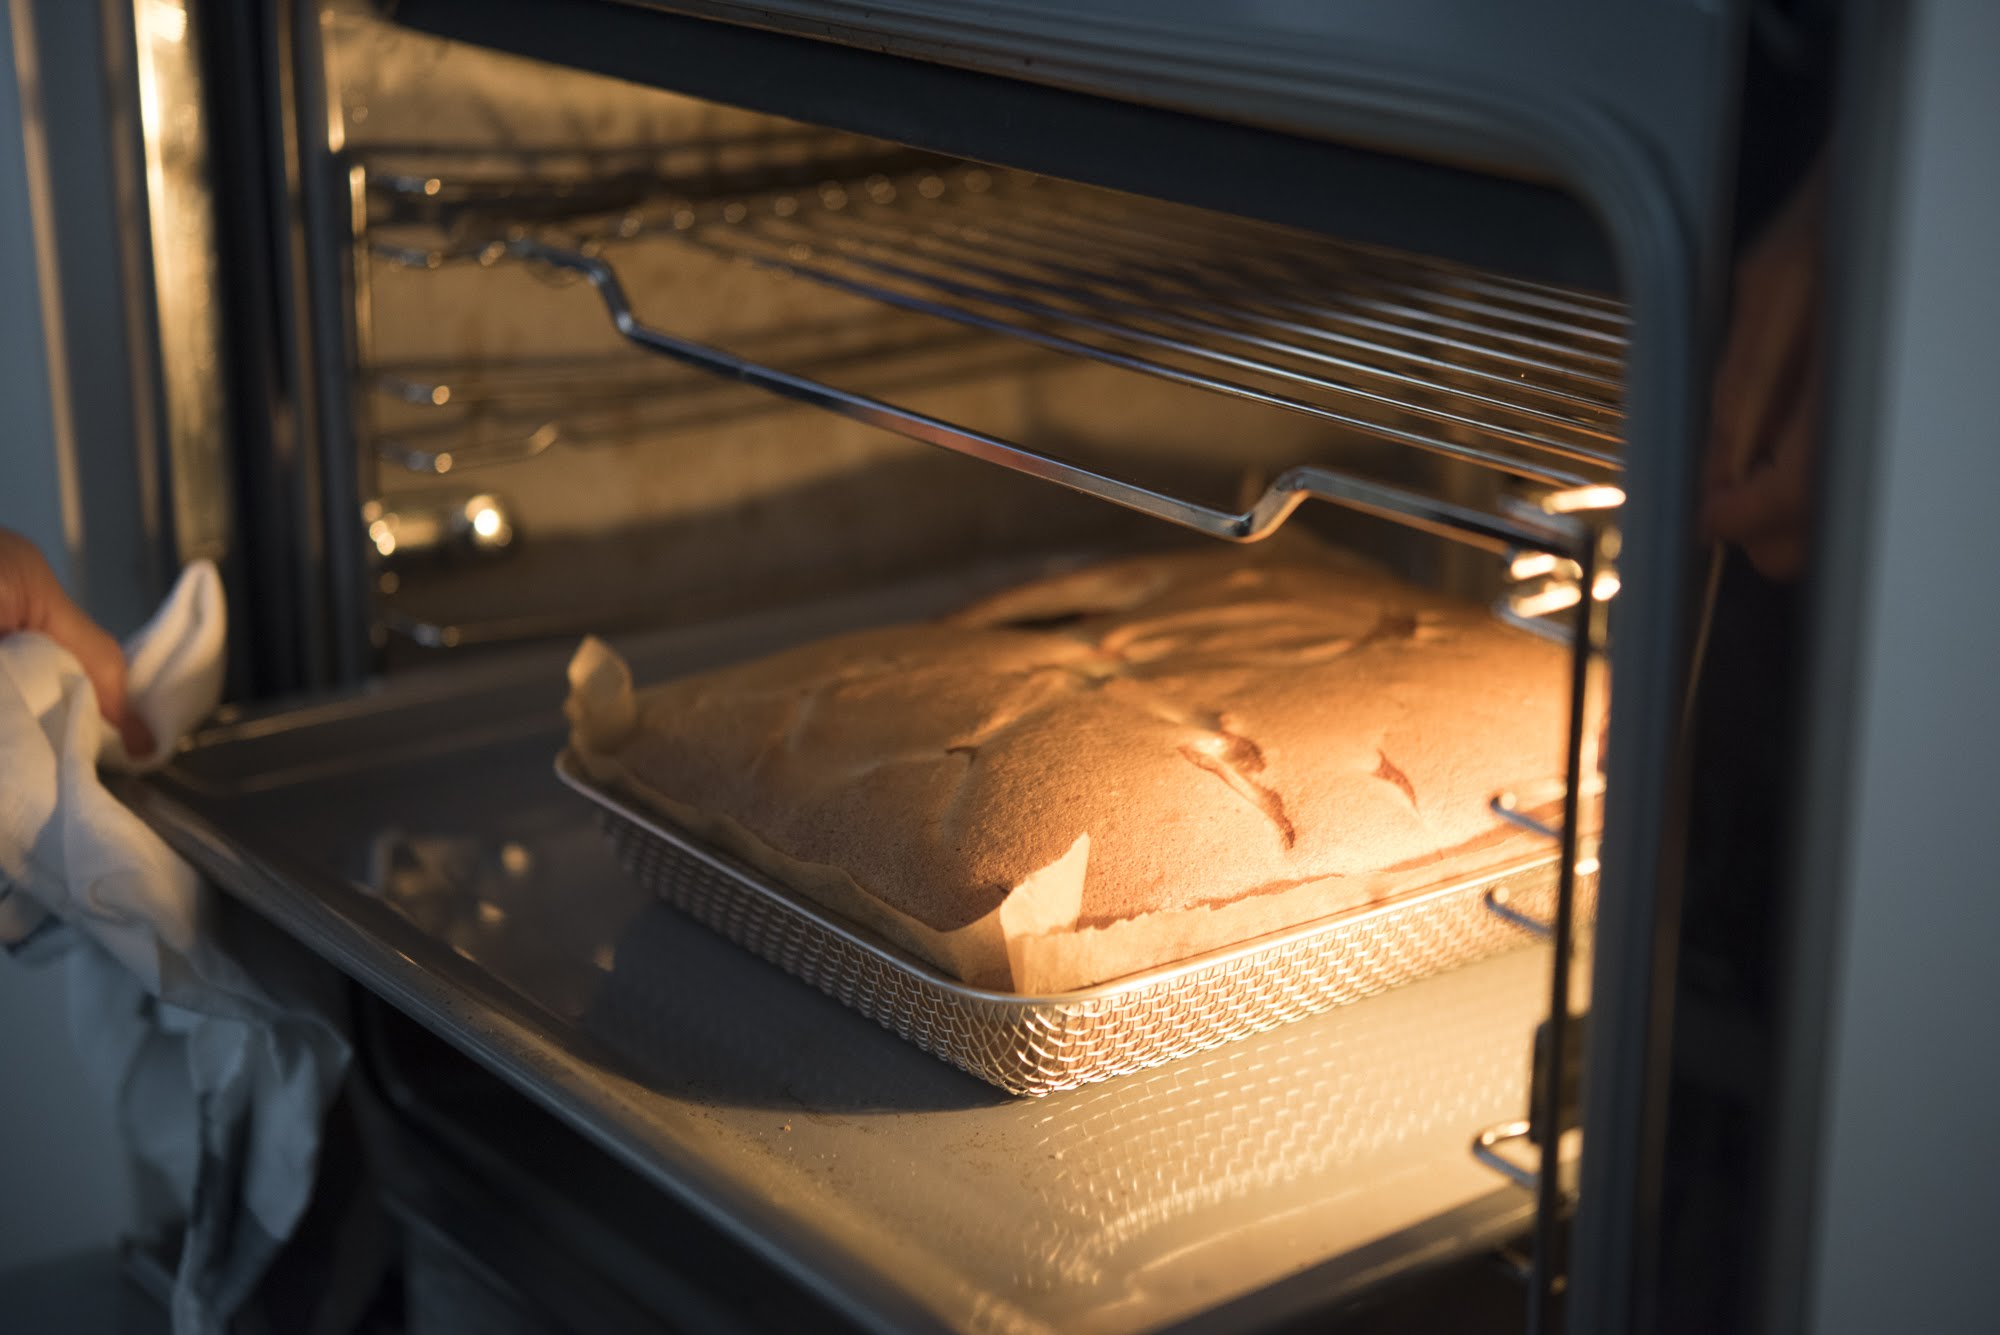 labase(ラバーゼ)の角ざるでケーキを焼いている